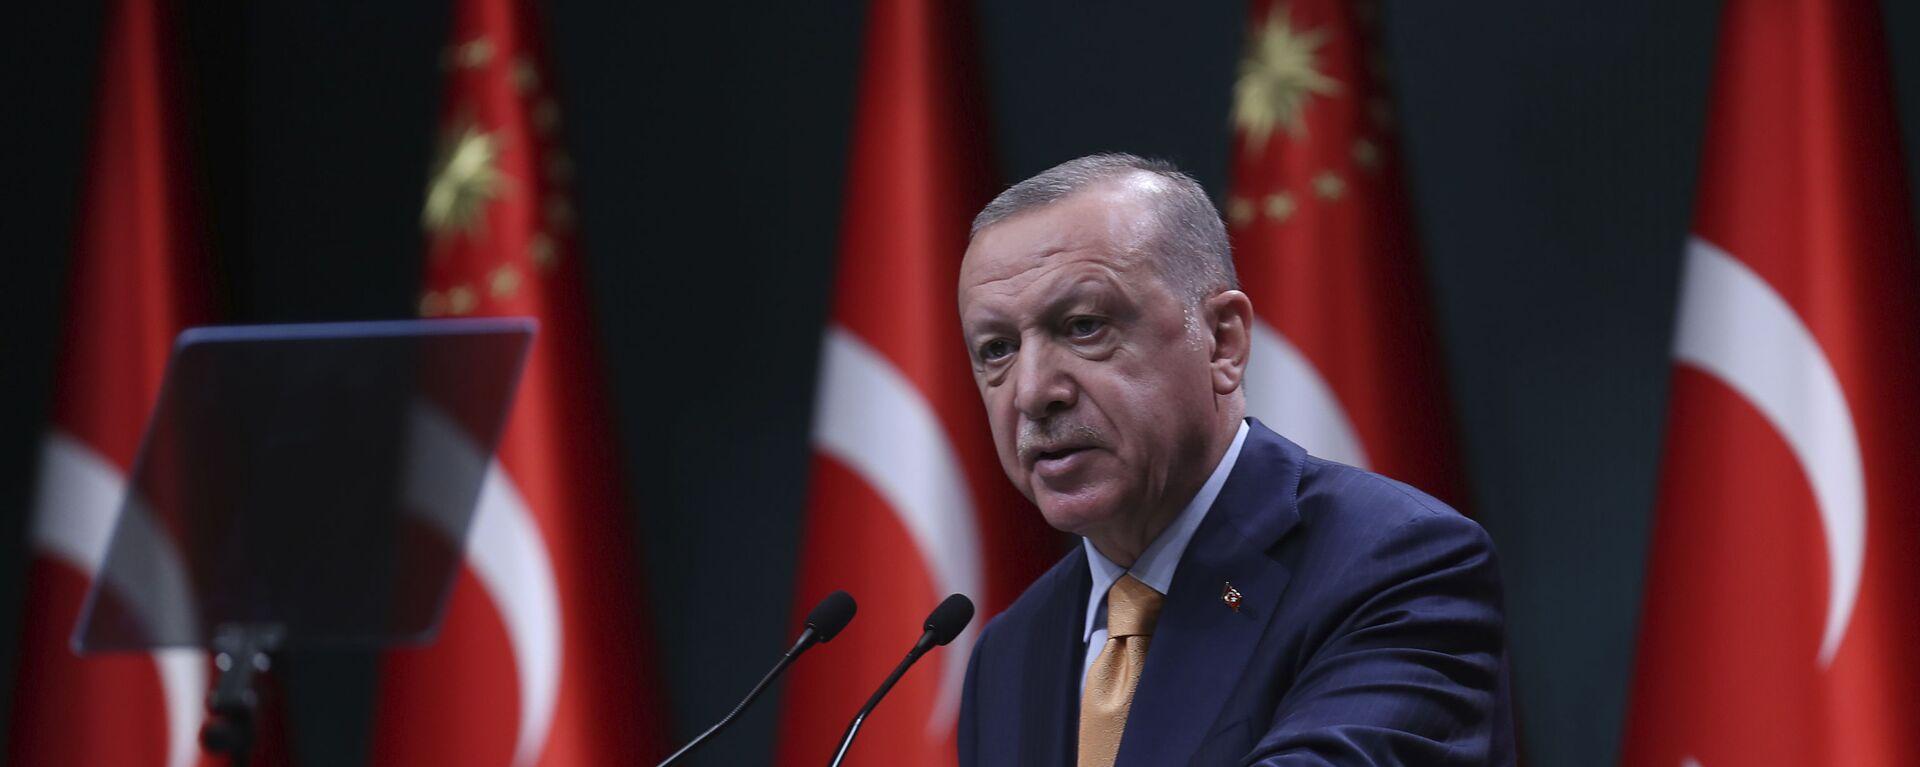 Президент Турции Реджеп Тайип Эрдоган - Sputnik Таджикистан, 1920, 13.04.2021